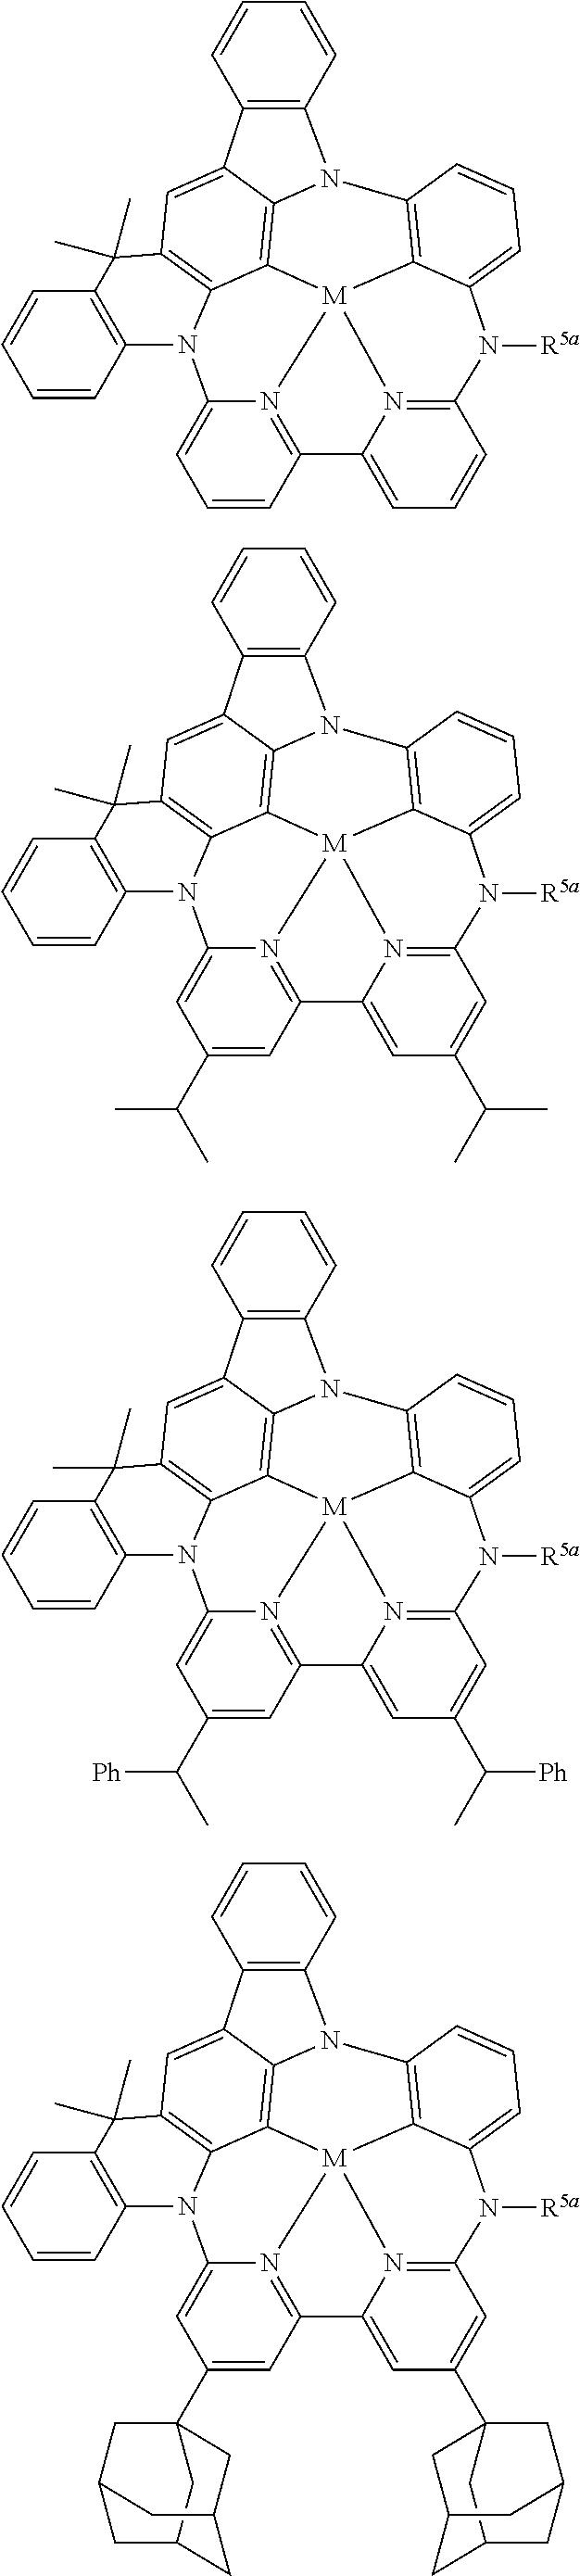 Figure US10158091-20181218-C00212